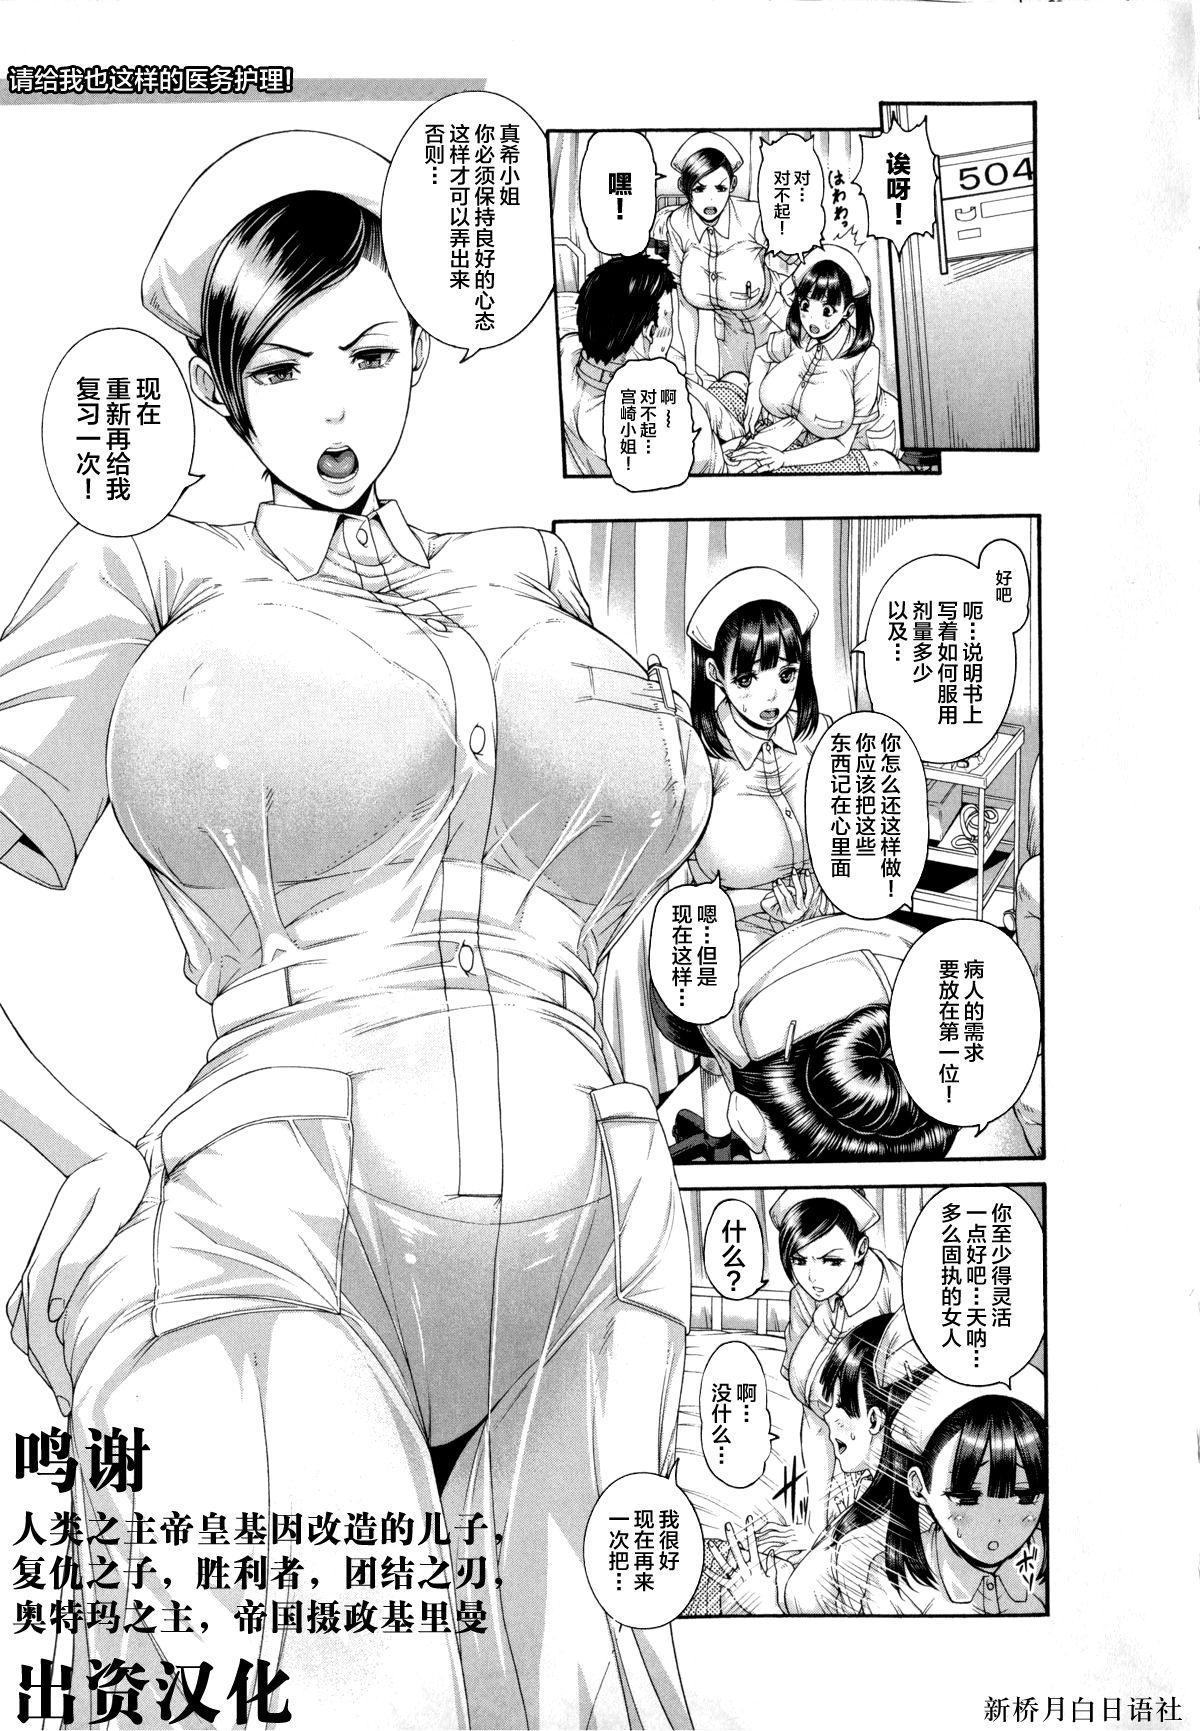 Watashi mo Kango Shidou Onegaishimasu! 0